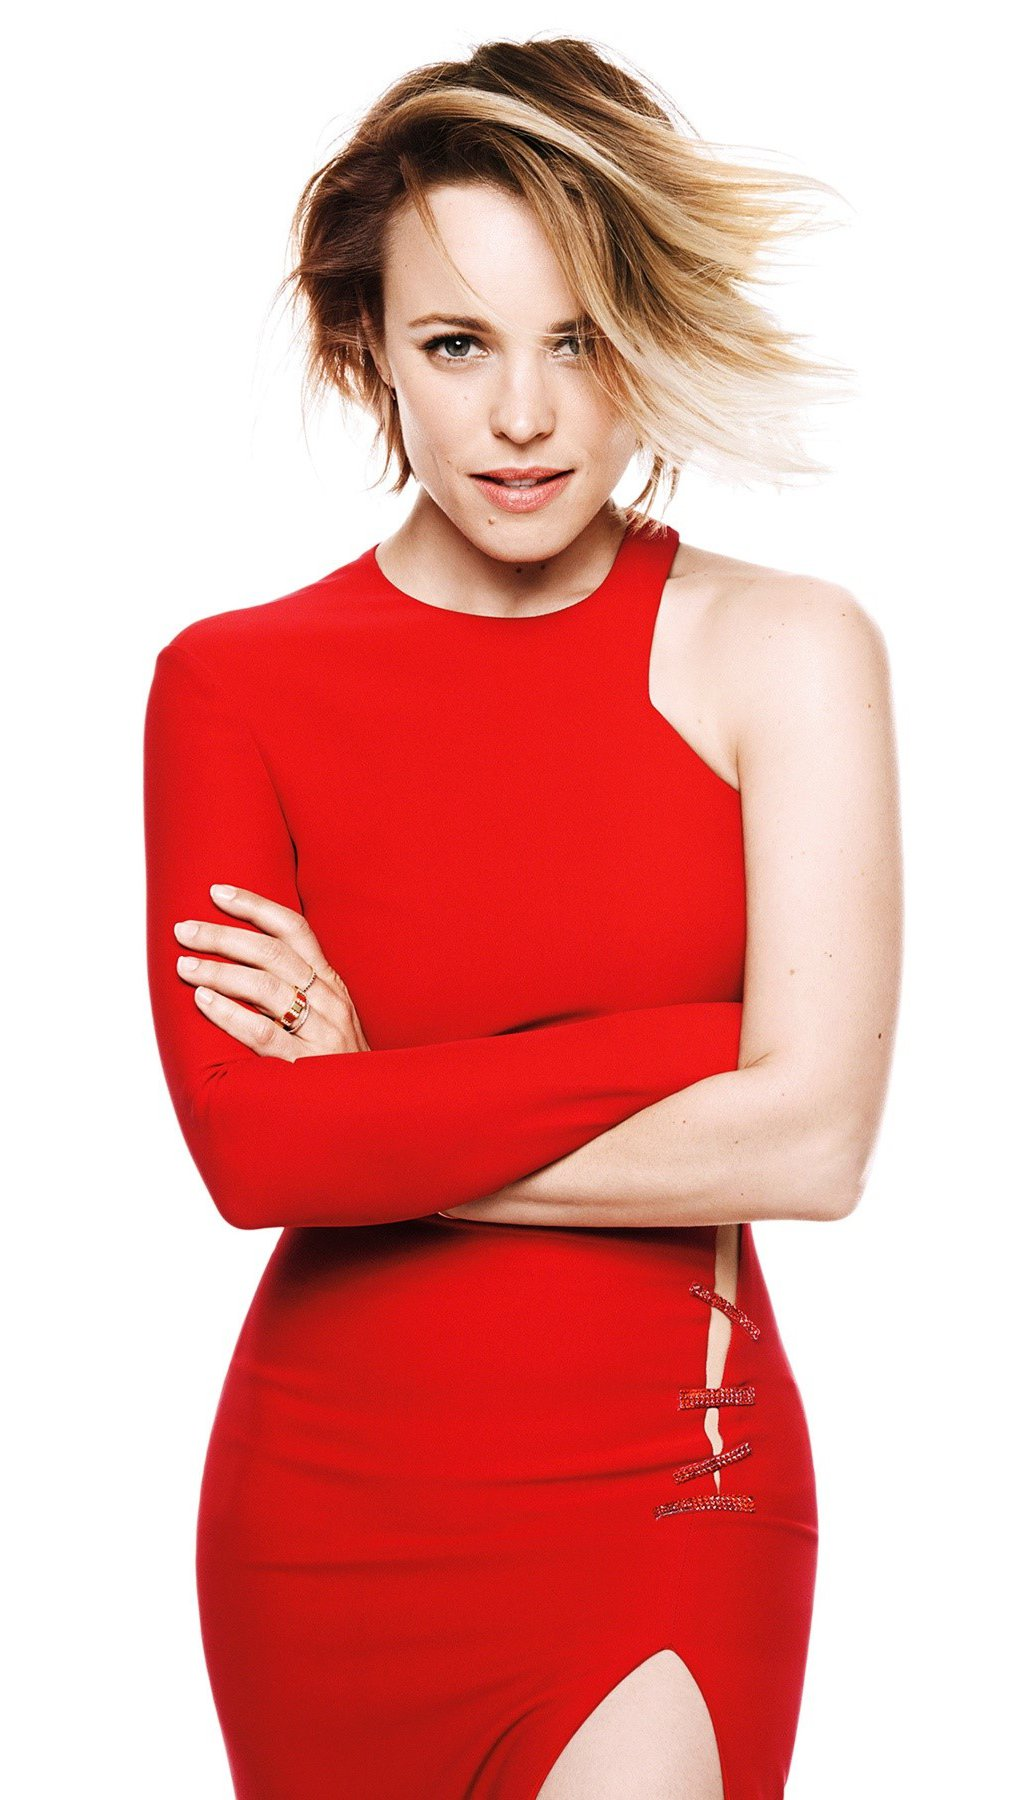 Fondos de pantalla Rachel McAdams en un vestido rojo Vertical